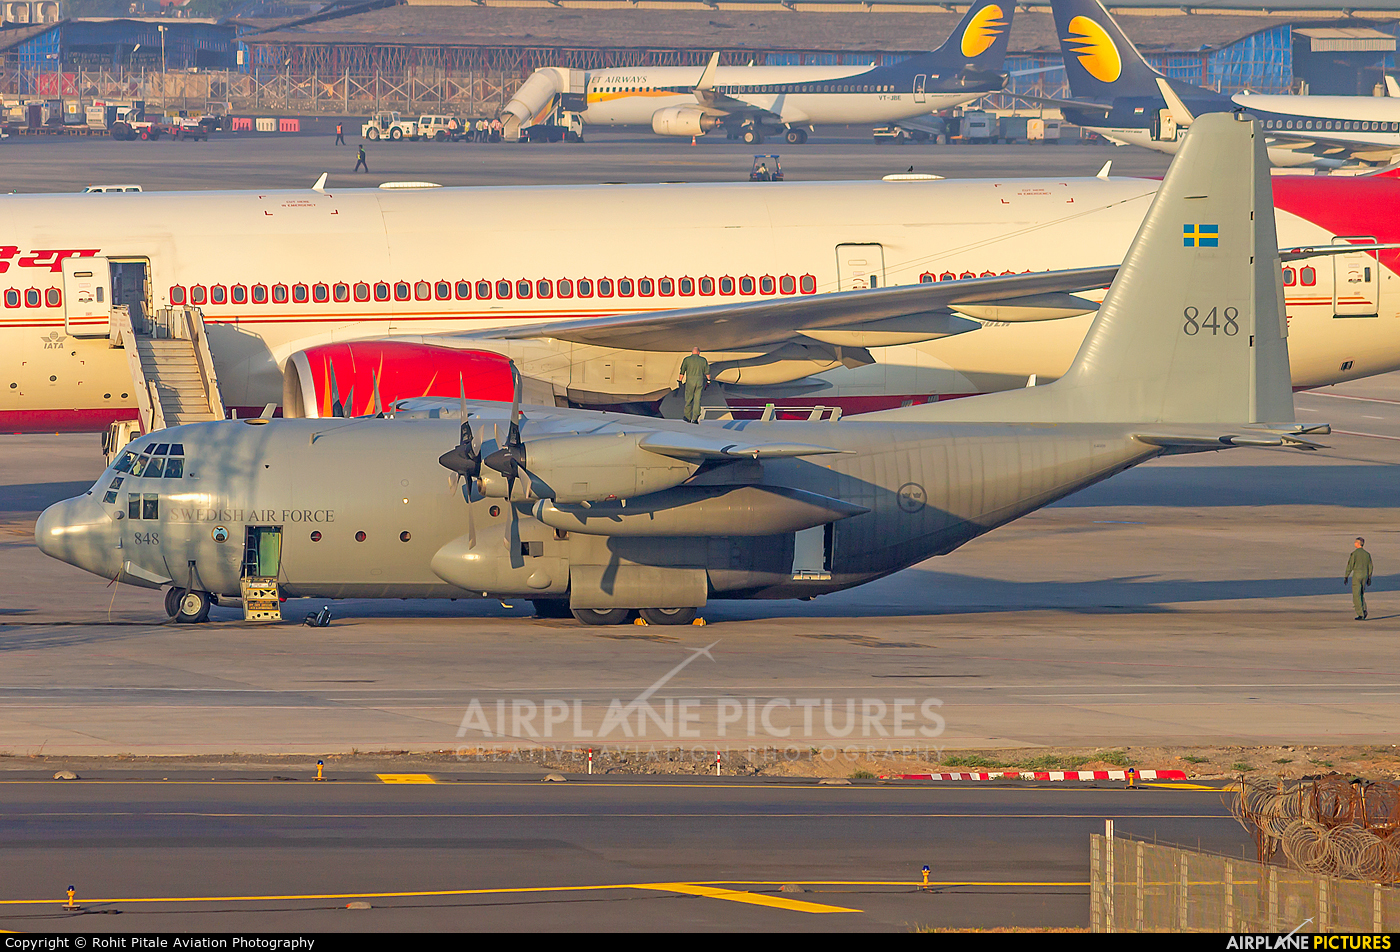 Sweden - Air Force 848 aircraft at Mumbai - Chhatrapati Shivaji Intl